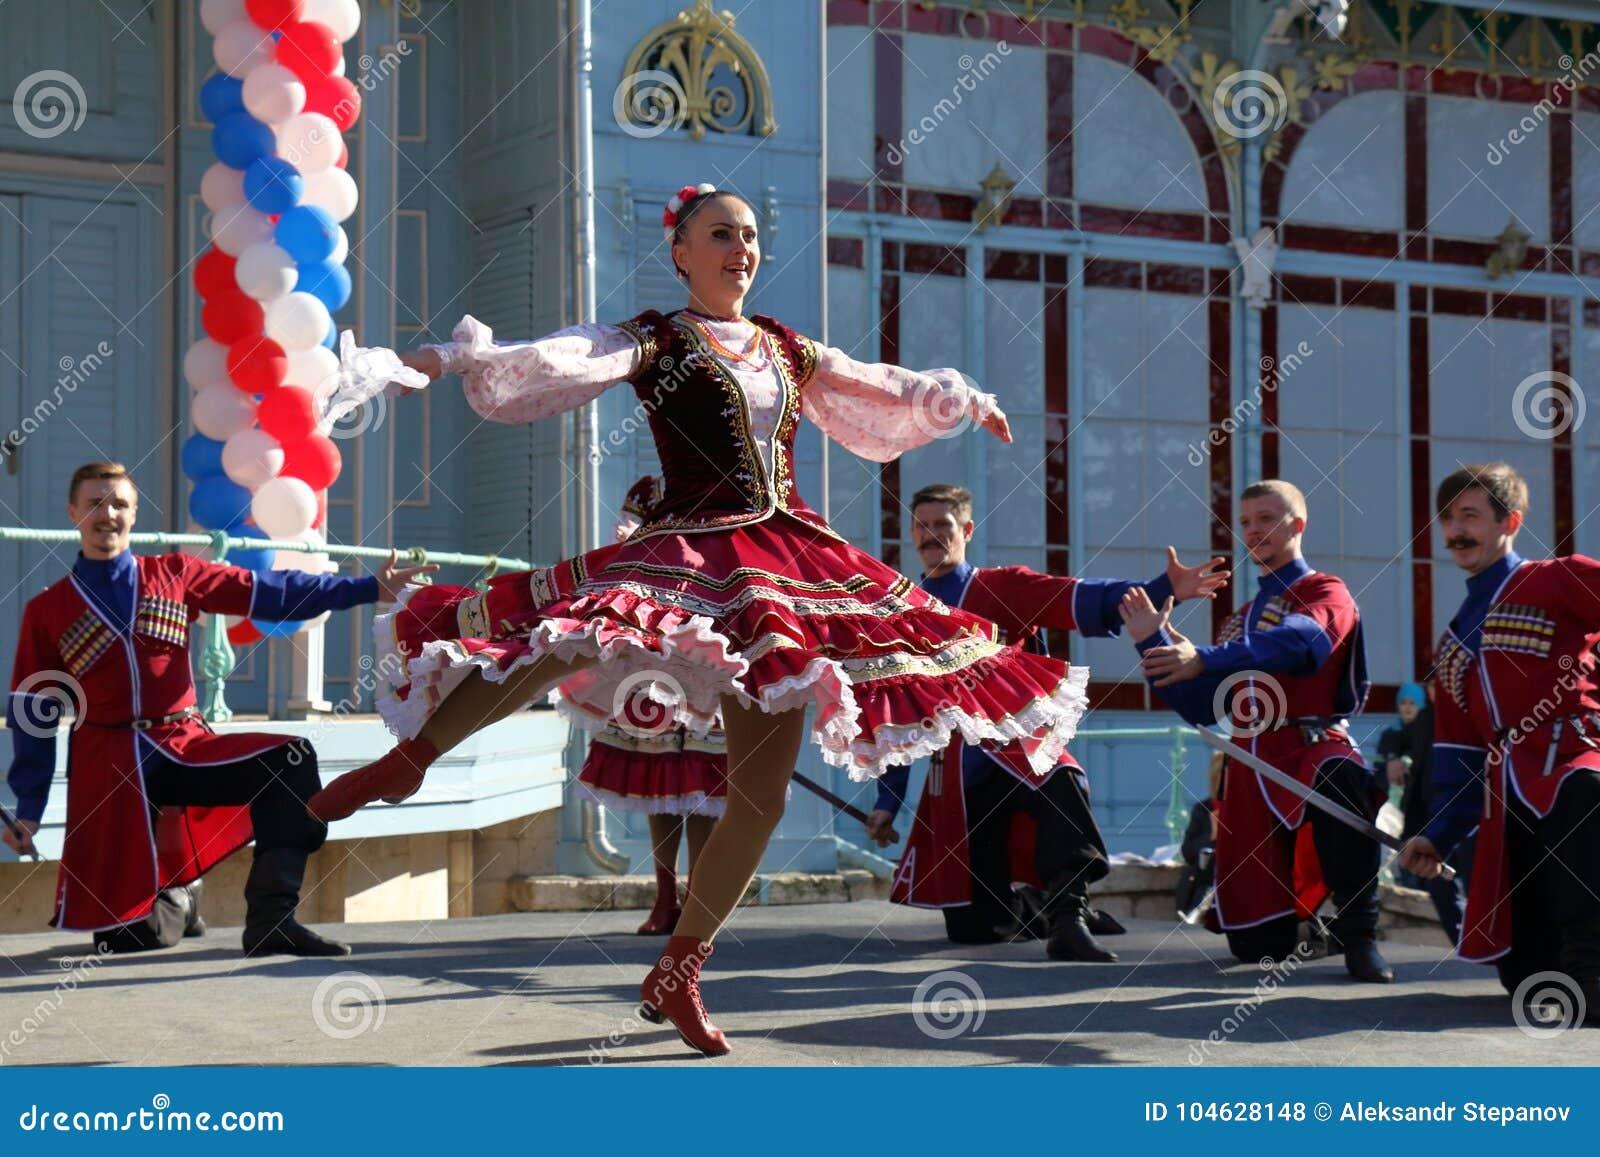 Download De Kozakdans In Traditionele Kleren Pyatigorsk, Rusland Redactionele Stock Foto - Afbeelding bestaande uit rusland, mensen: 104628148